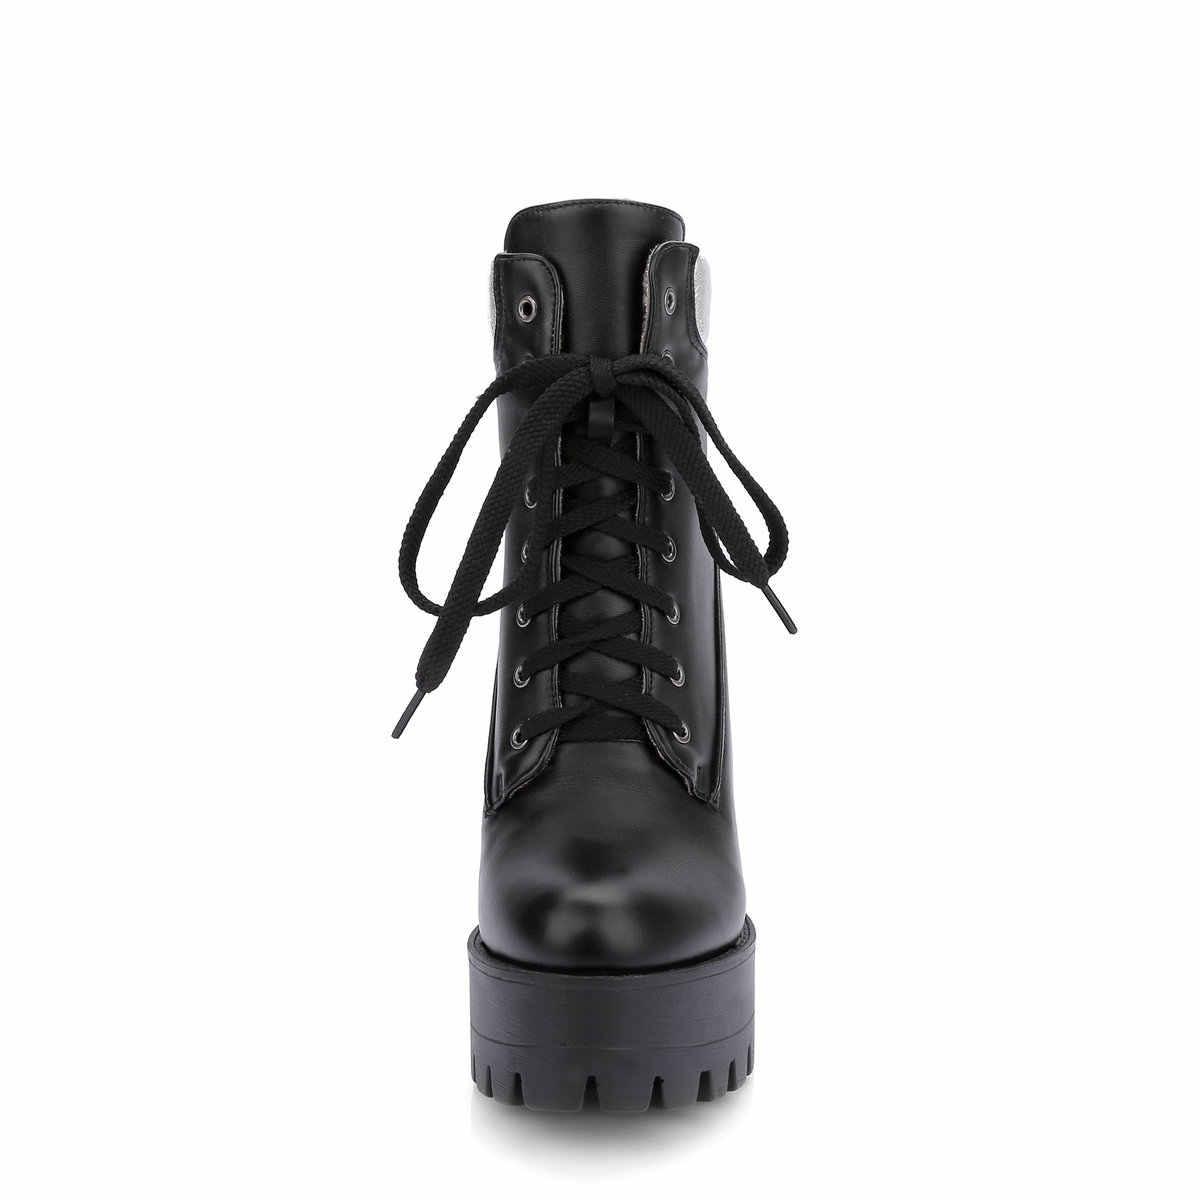 Kadın Botları Kare Yüksek Topuk yarım çizmeler Moda Platformu Çizmeler Lace Up Sonbahar Kış Kadın Ayakkabı Siyah Beyaz Turuncu 2018